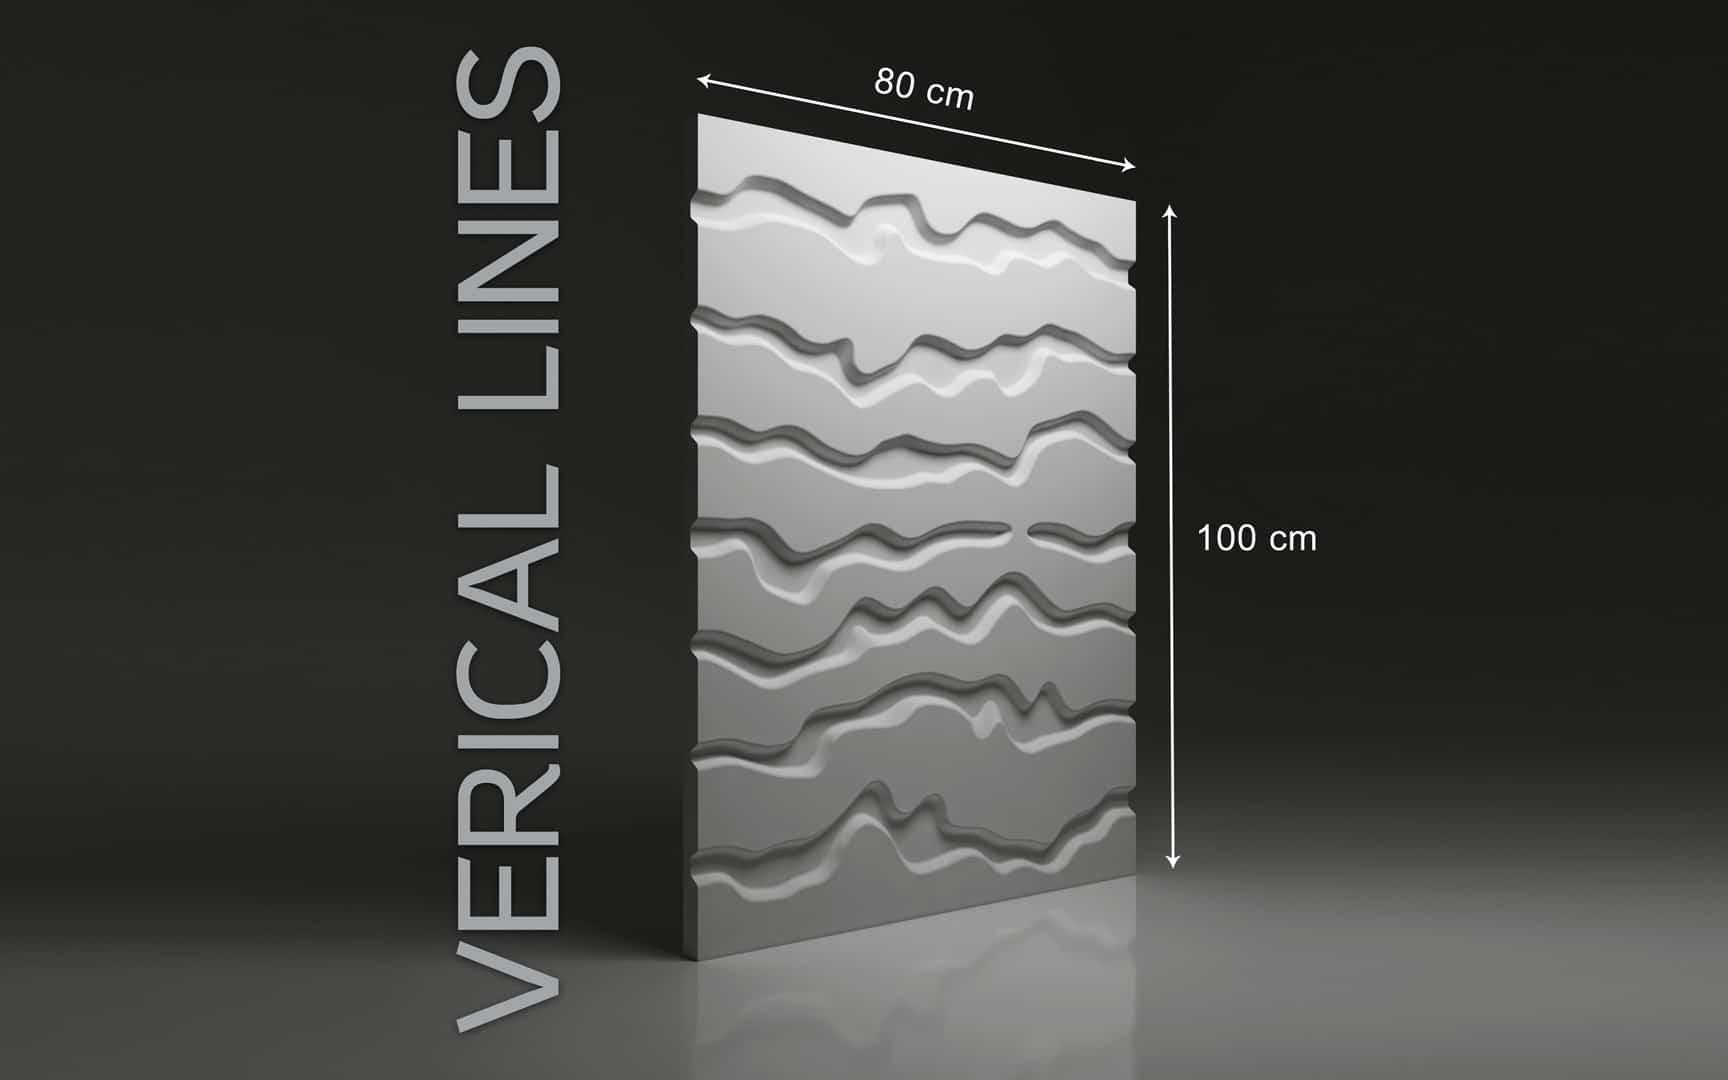 VERTICAL LINES DIMENSIONS : hauteur 100 cm x largeur 80 cm ÉPAISSEUR : de 1,5 cm à 3,0 cm POIDS : environ 12 kg